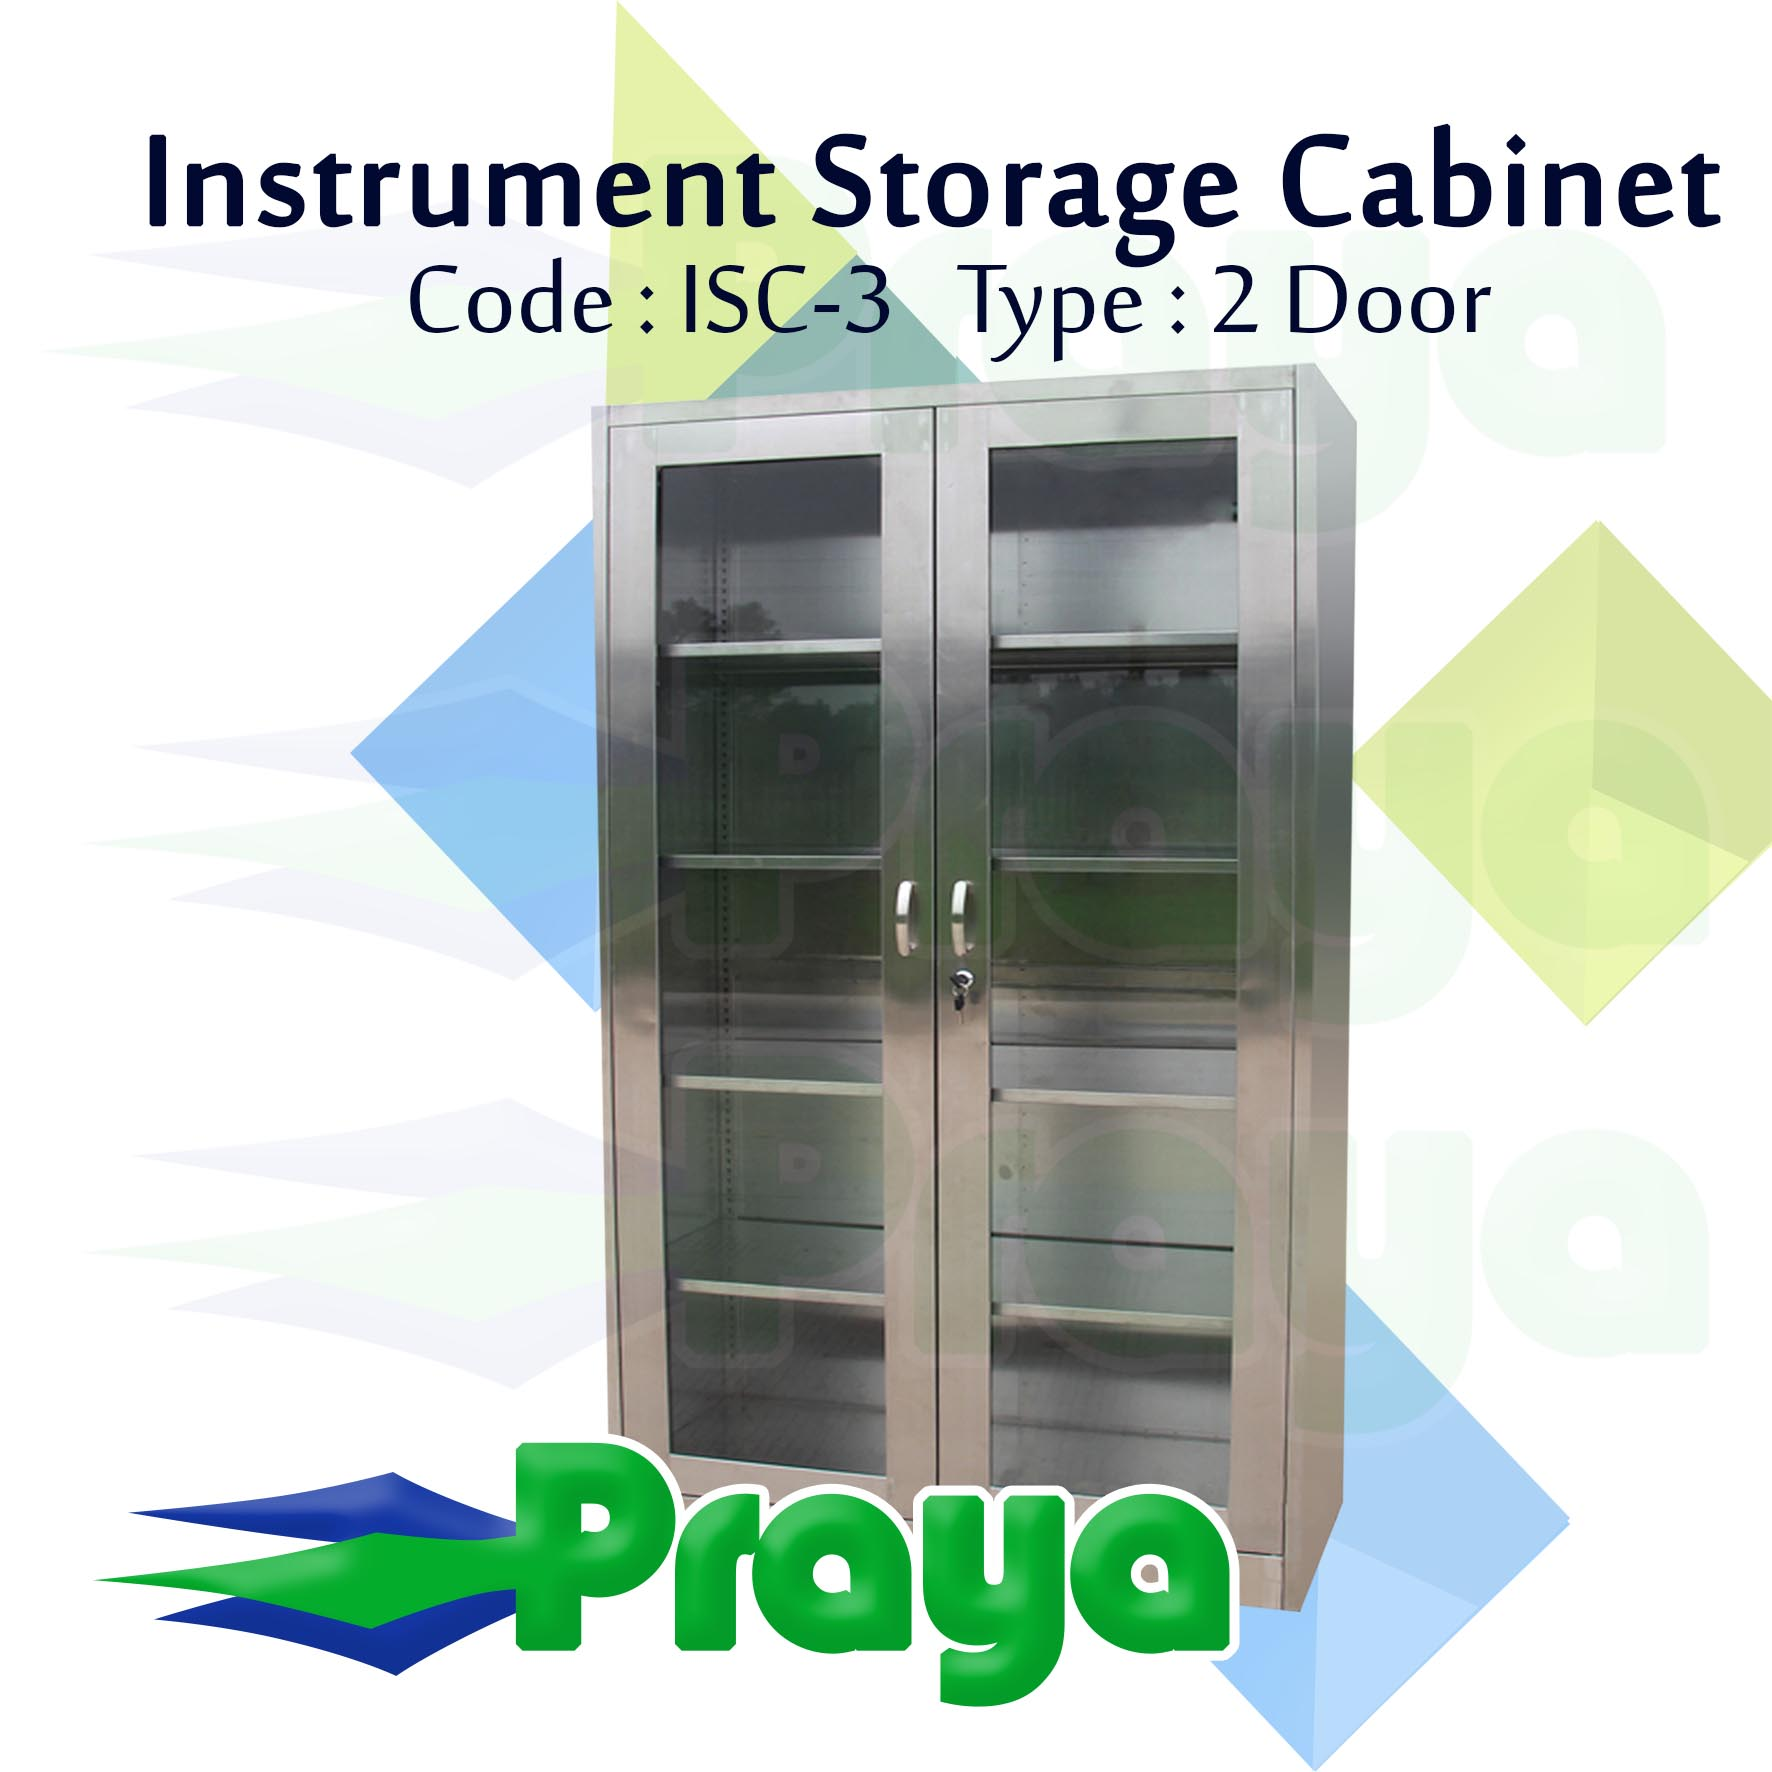 Instrument Storage Cabinet